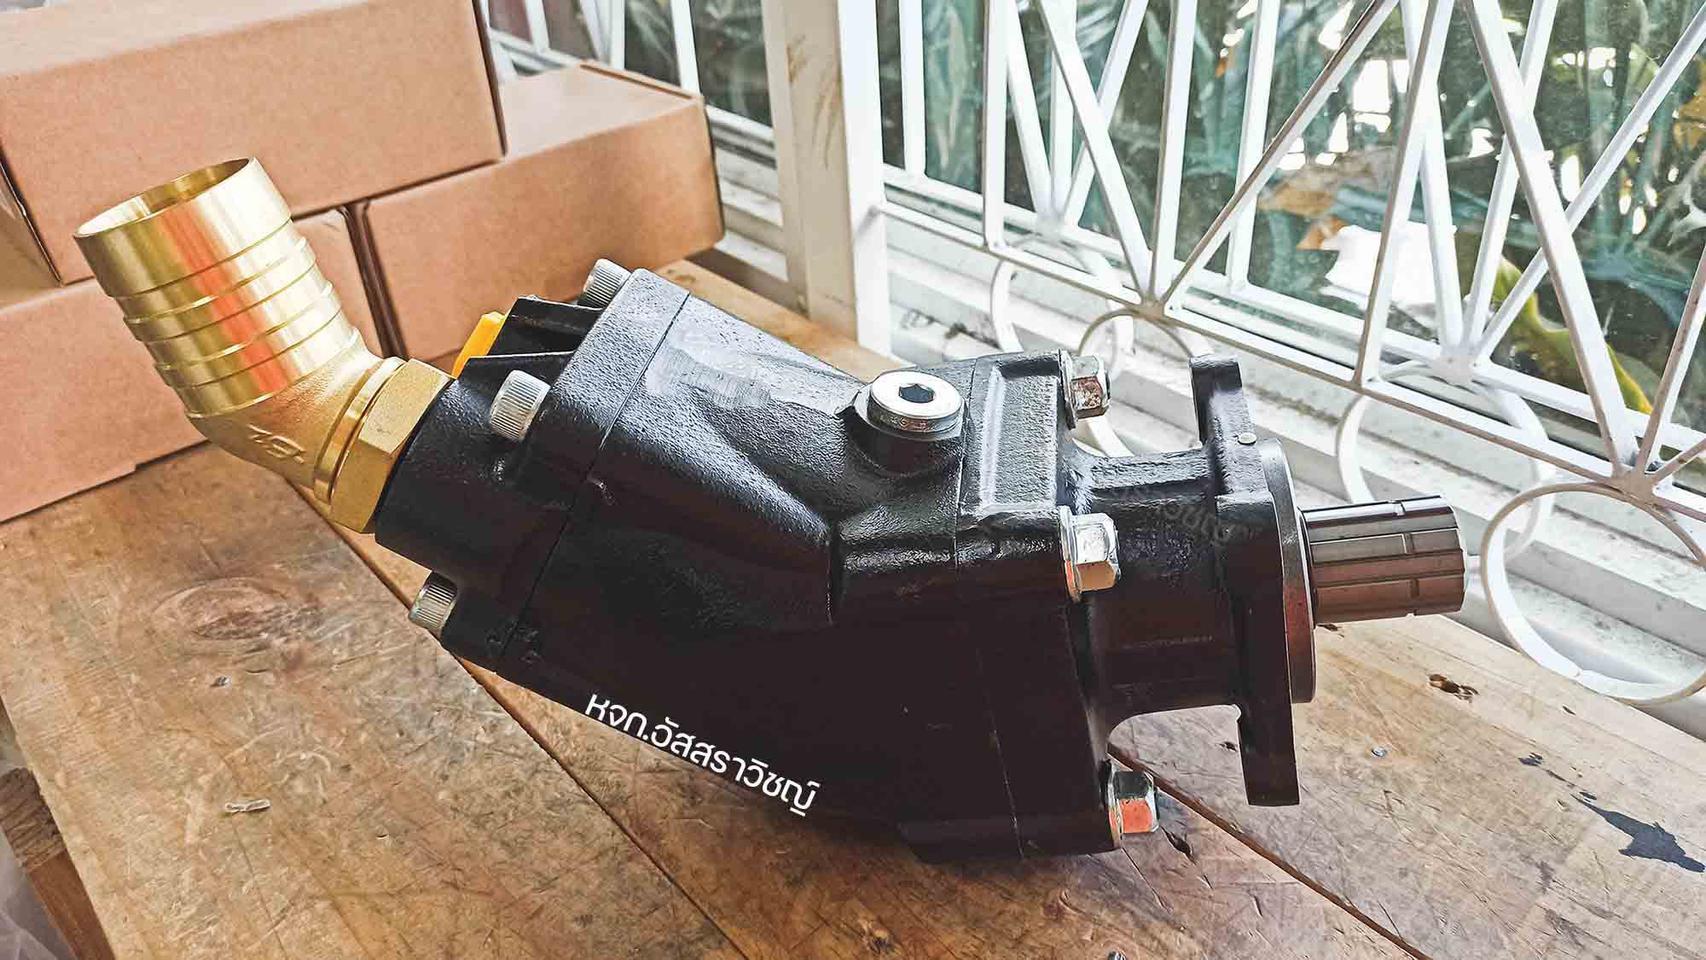 ปั้มงอไฮดรอลิคค หรือปั้มนิ้วแบบงอไฮดรอลิค ยี่ห้อ TDZ รุ่น FR series รูปที่ 3